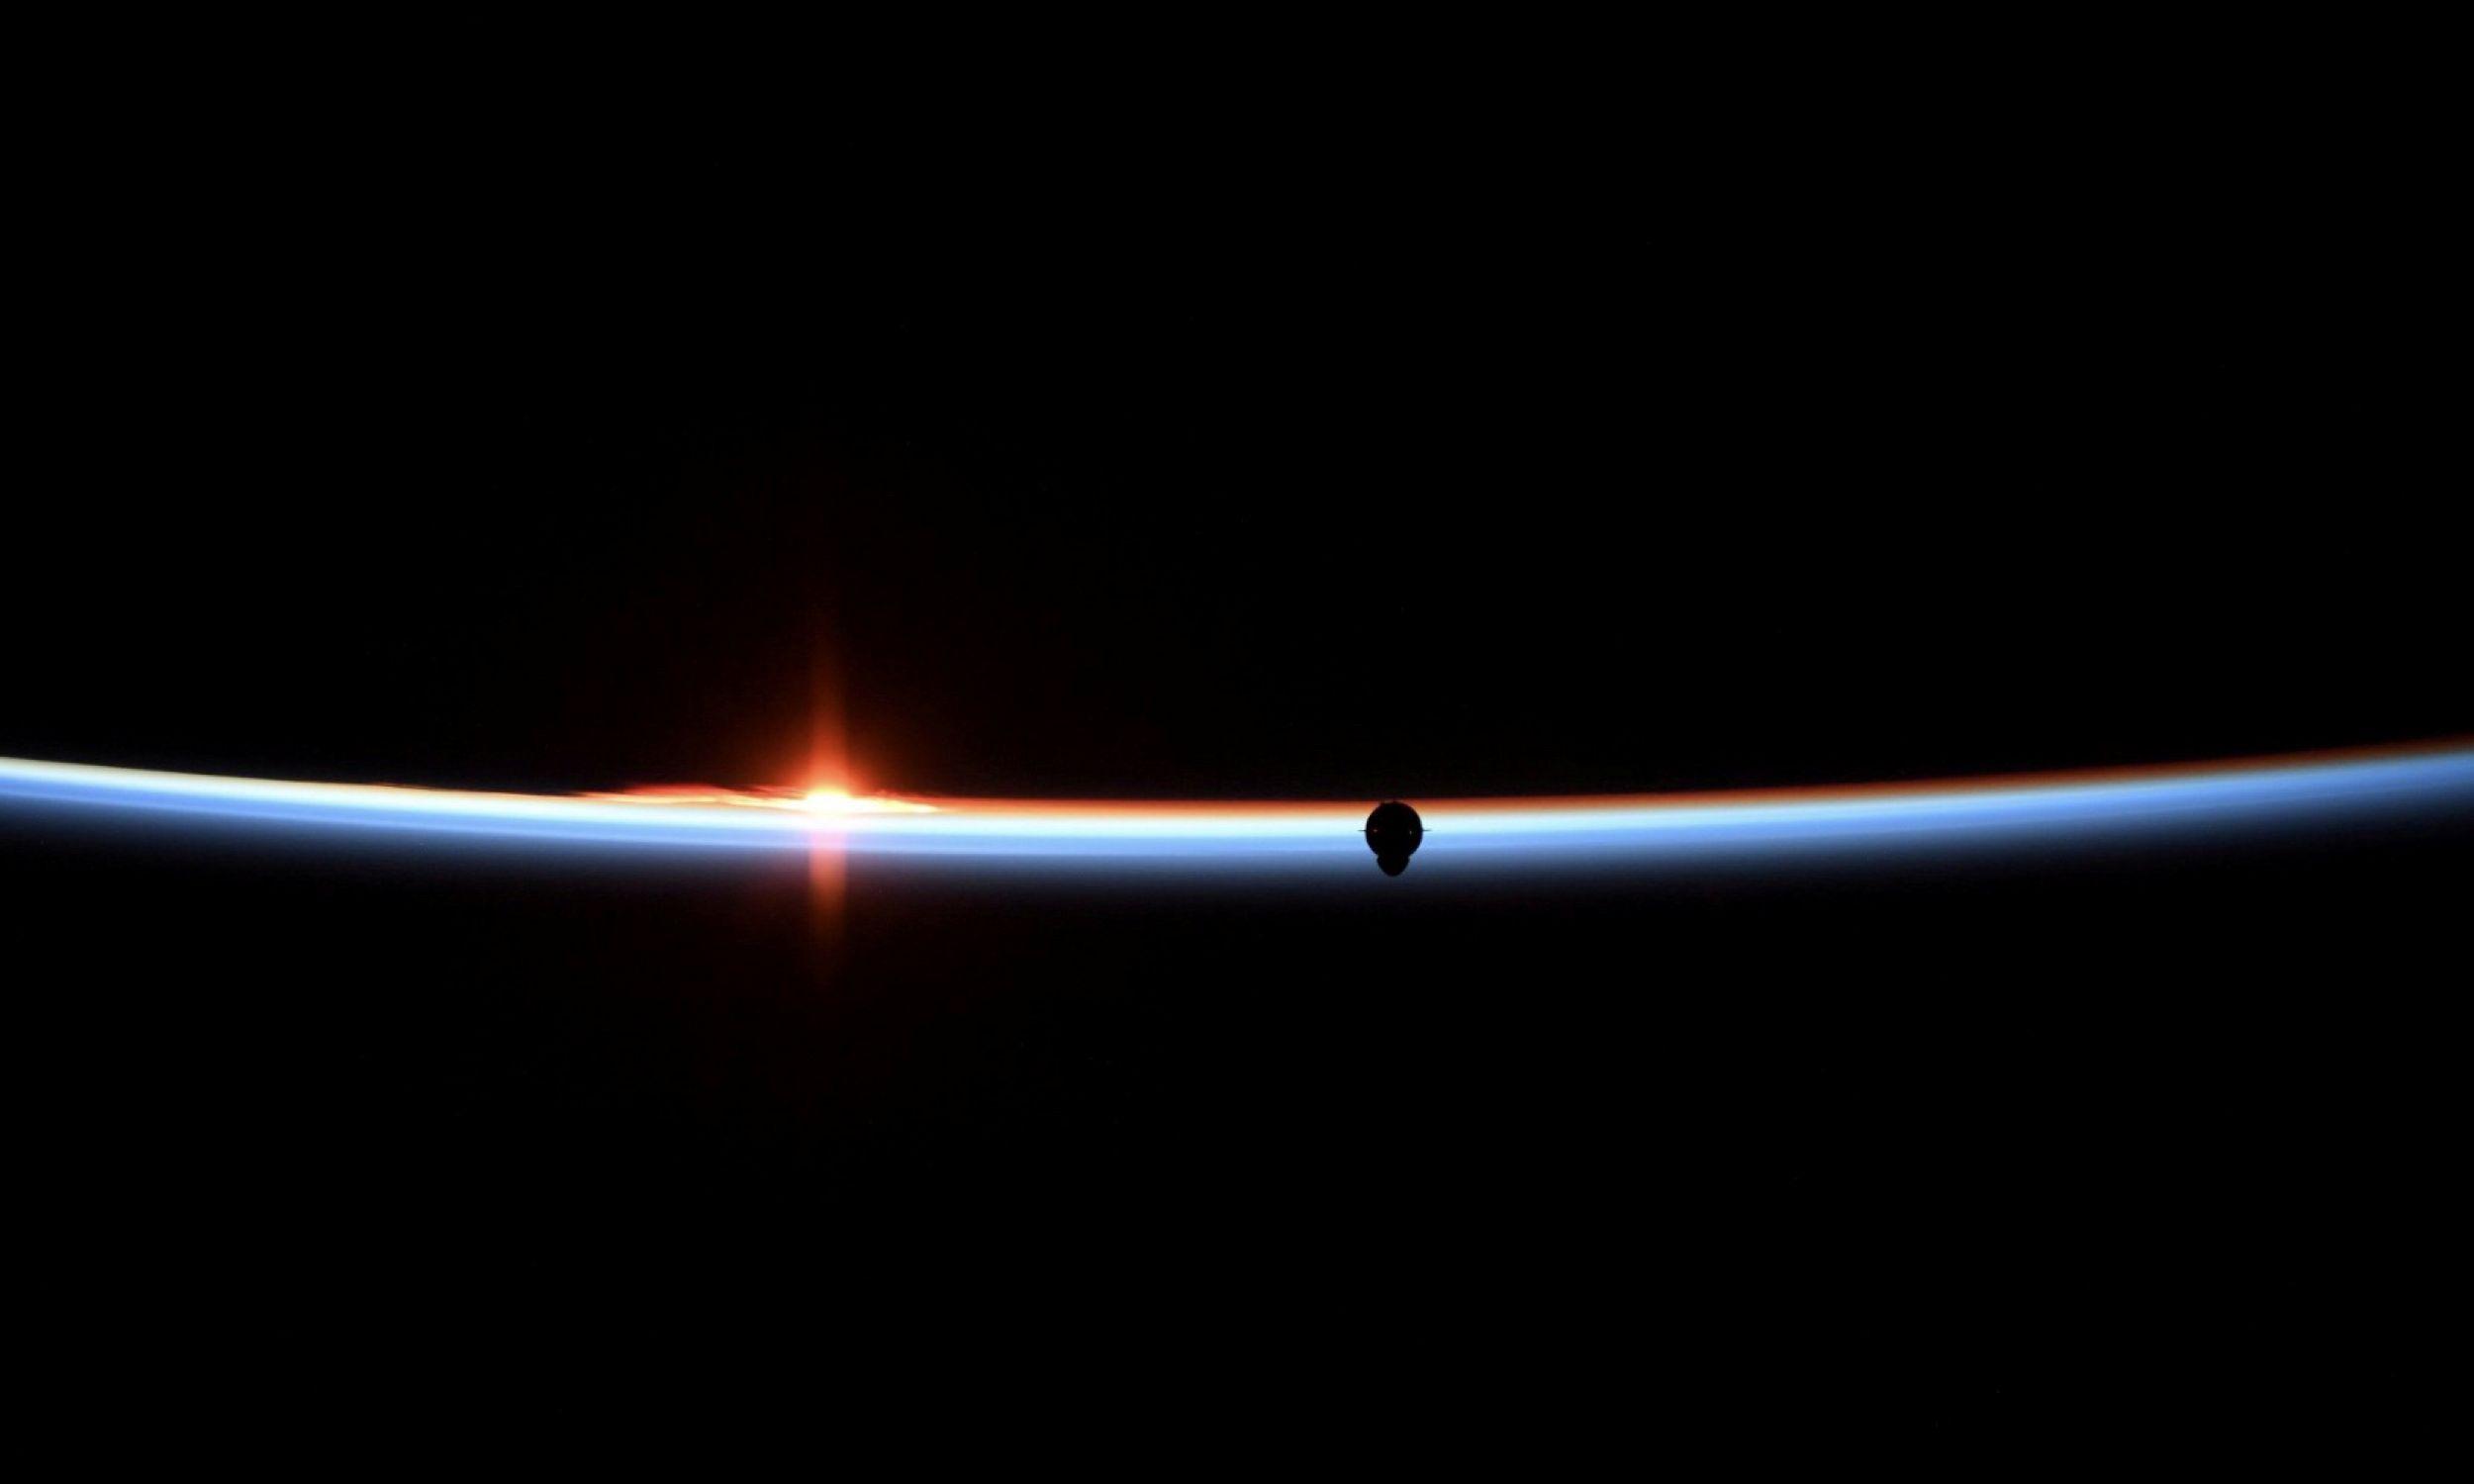 3 marca 2019 roku. Kapsuła Crew Dragon firmy SpaceX zbliża się do Międzynarodowej Stacji Kosmicznej. Fot. Anne McClain/NASA/Handout via Reuters